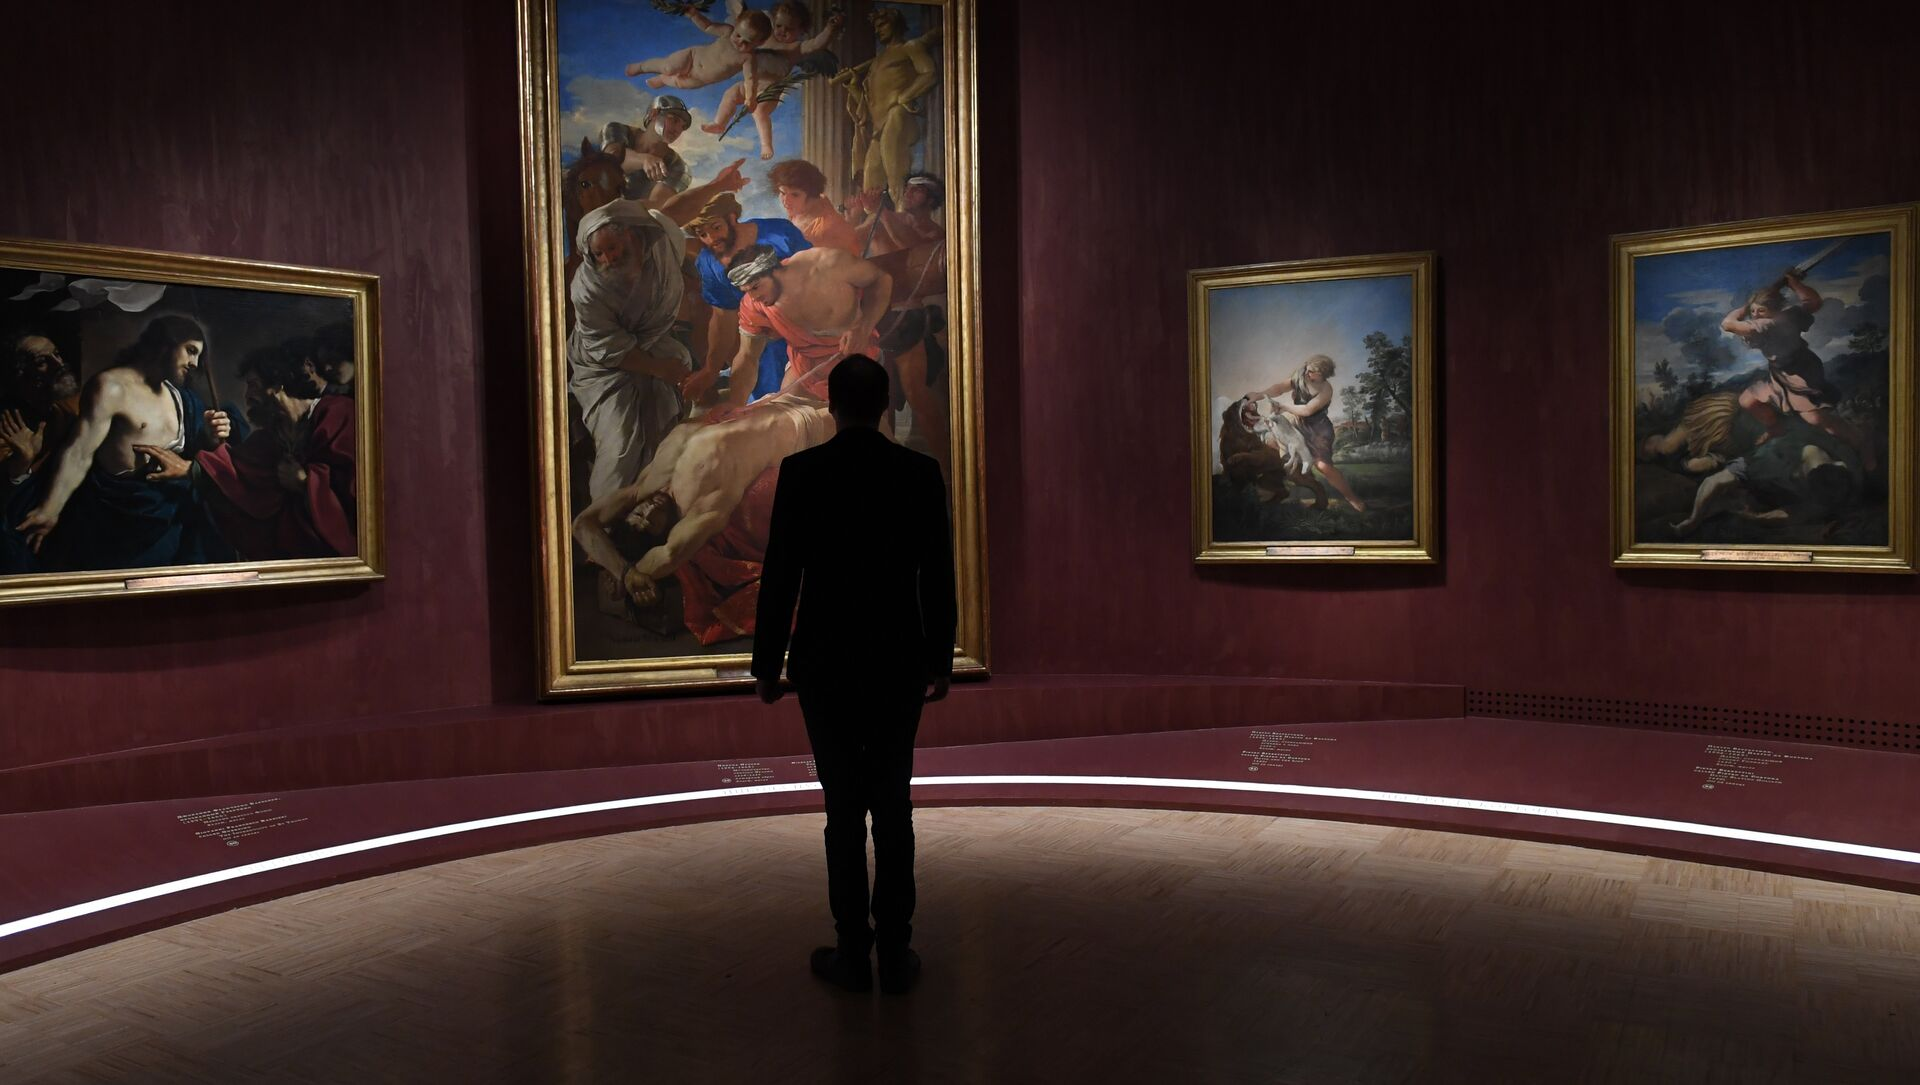 La più grande mostra al mondo della collezione dei Musei Vaticani Roma Aeterna a Mosca. - Sputnik Italia, 1920, 29.04.2021